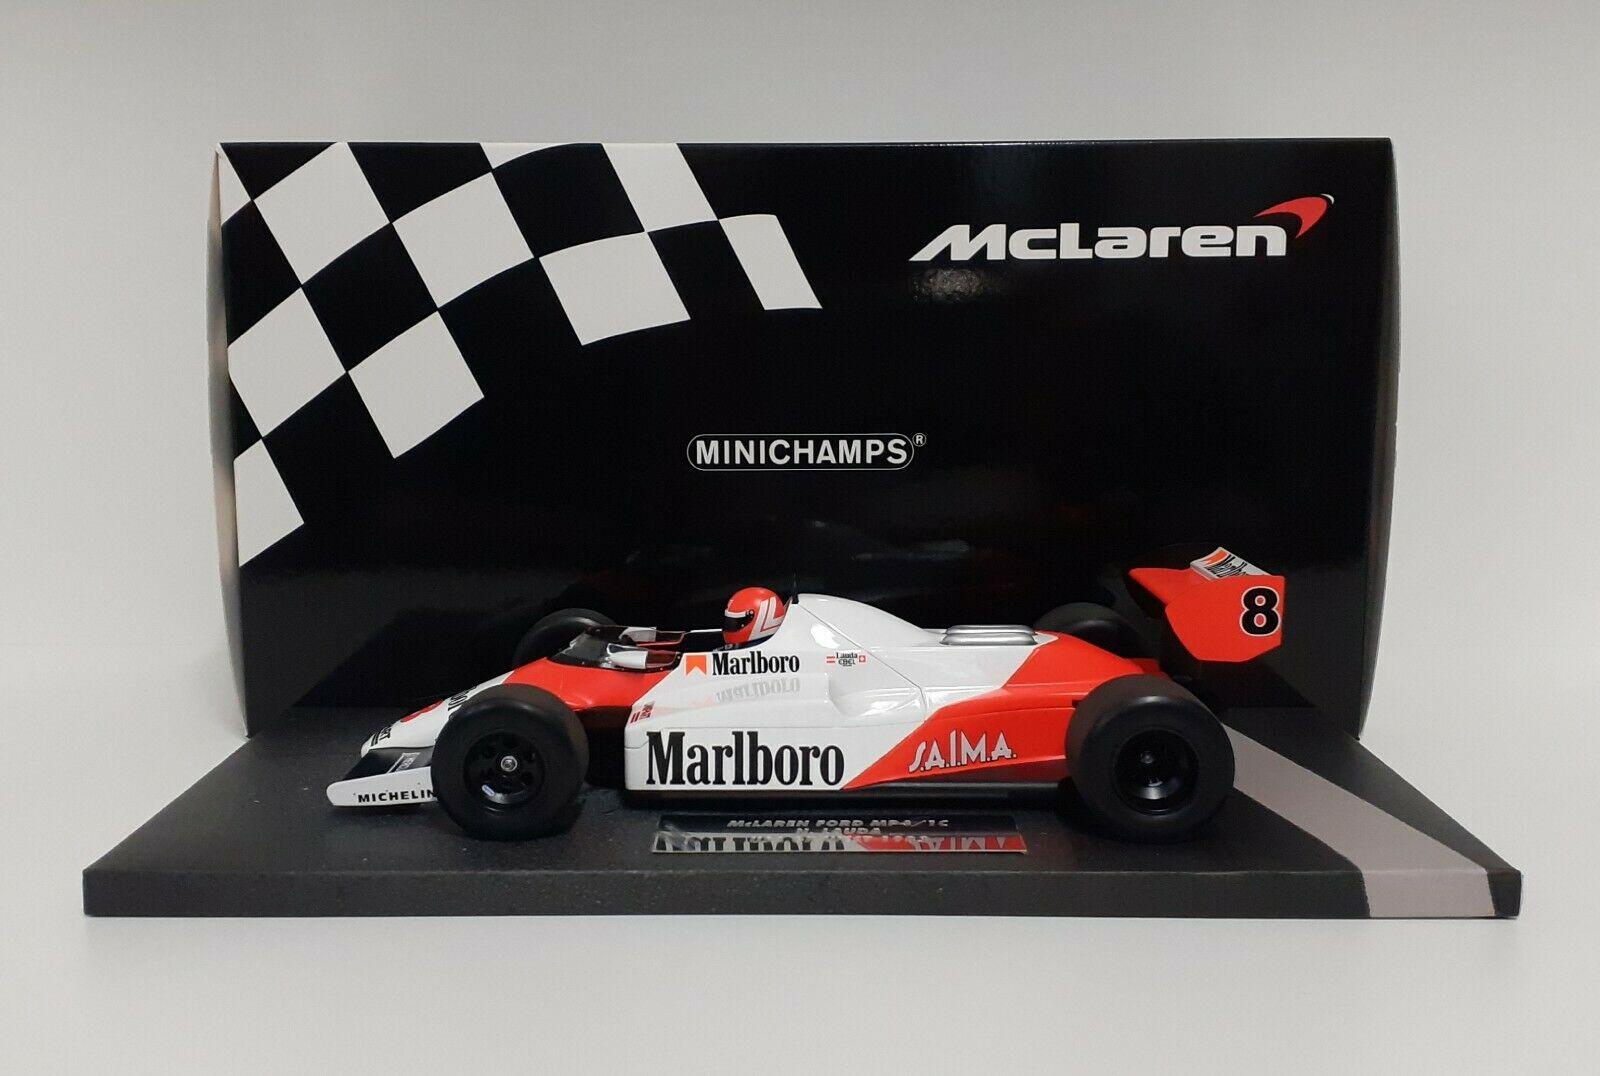 MODELLO AUTO FORMULA 1 MINICHAMPS 1:18 MCLAREN F1 FORD MP4/1C LAUDA 1983 DIECAST